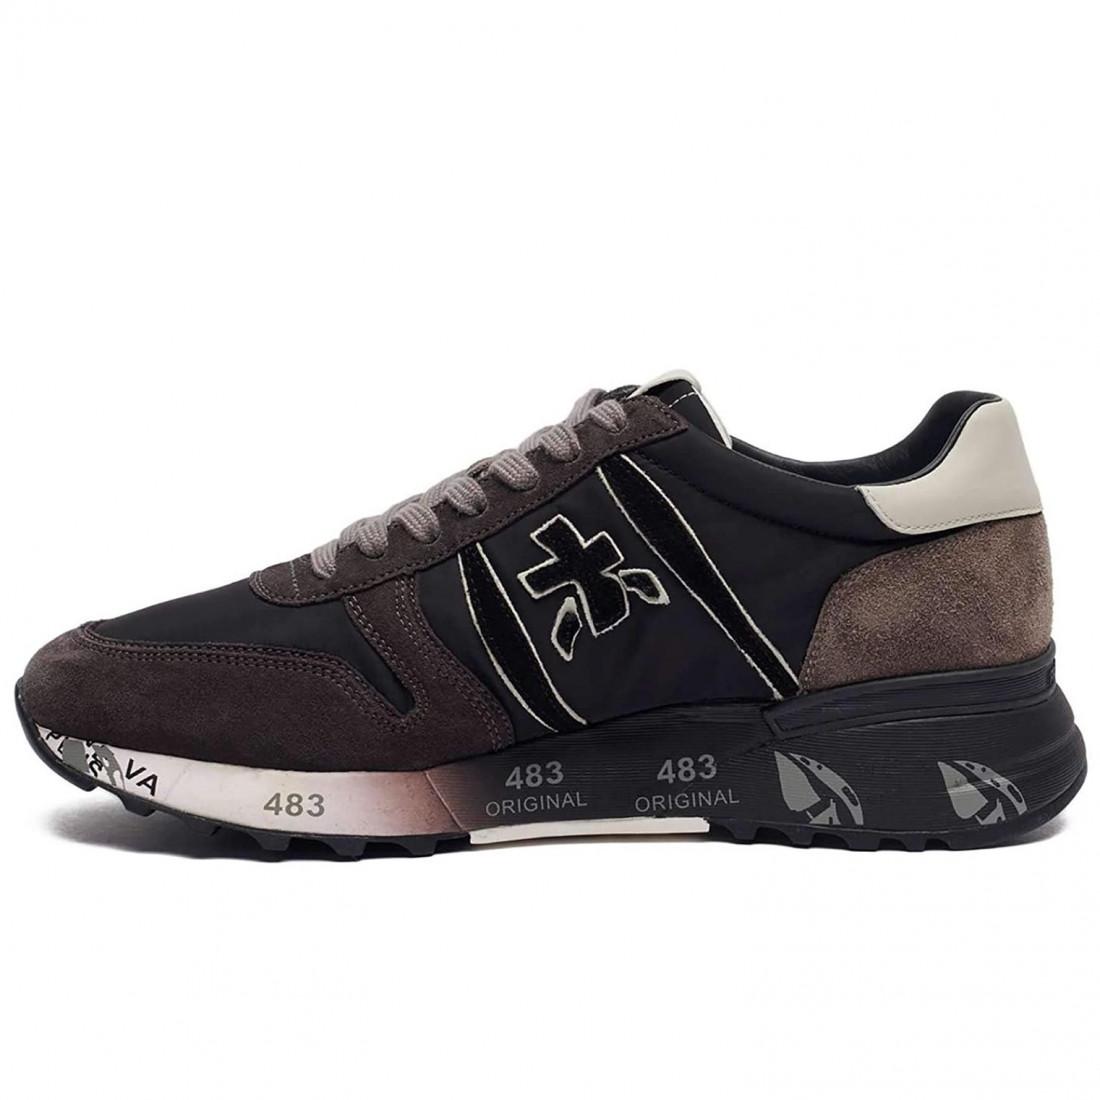 sneakers herren premiata lander4951 8844